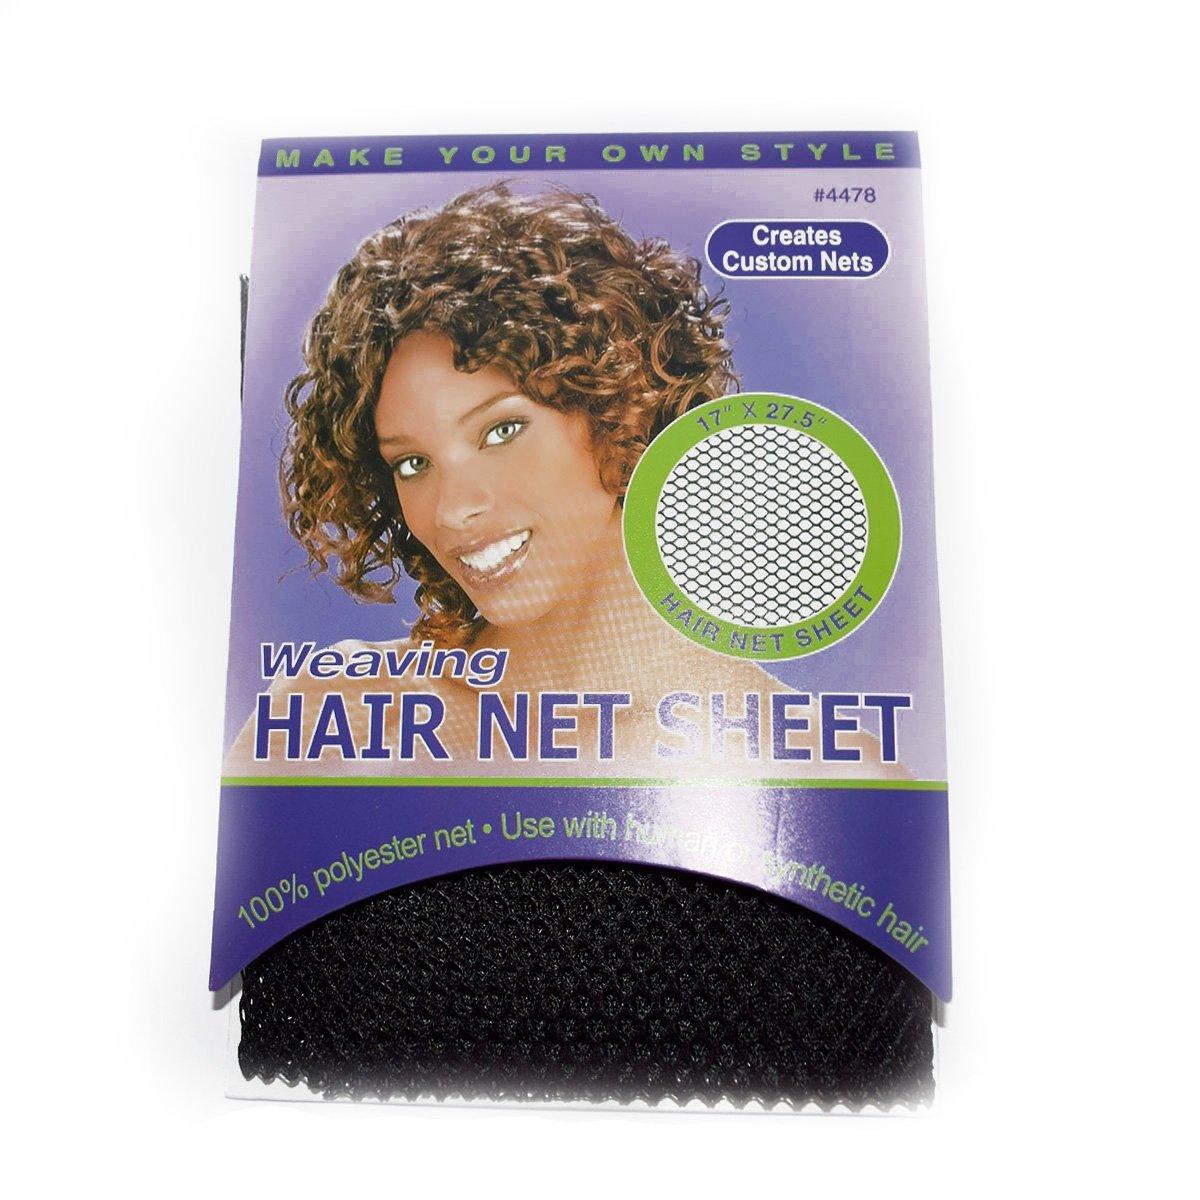 Amazon Annie Weaving Hair Net Sheet 17x2754478 Home